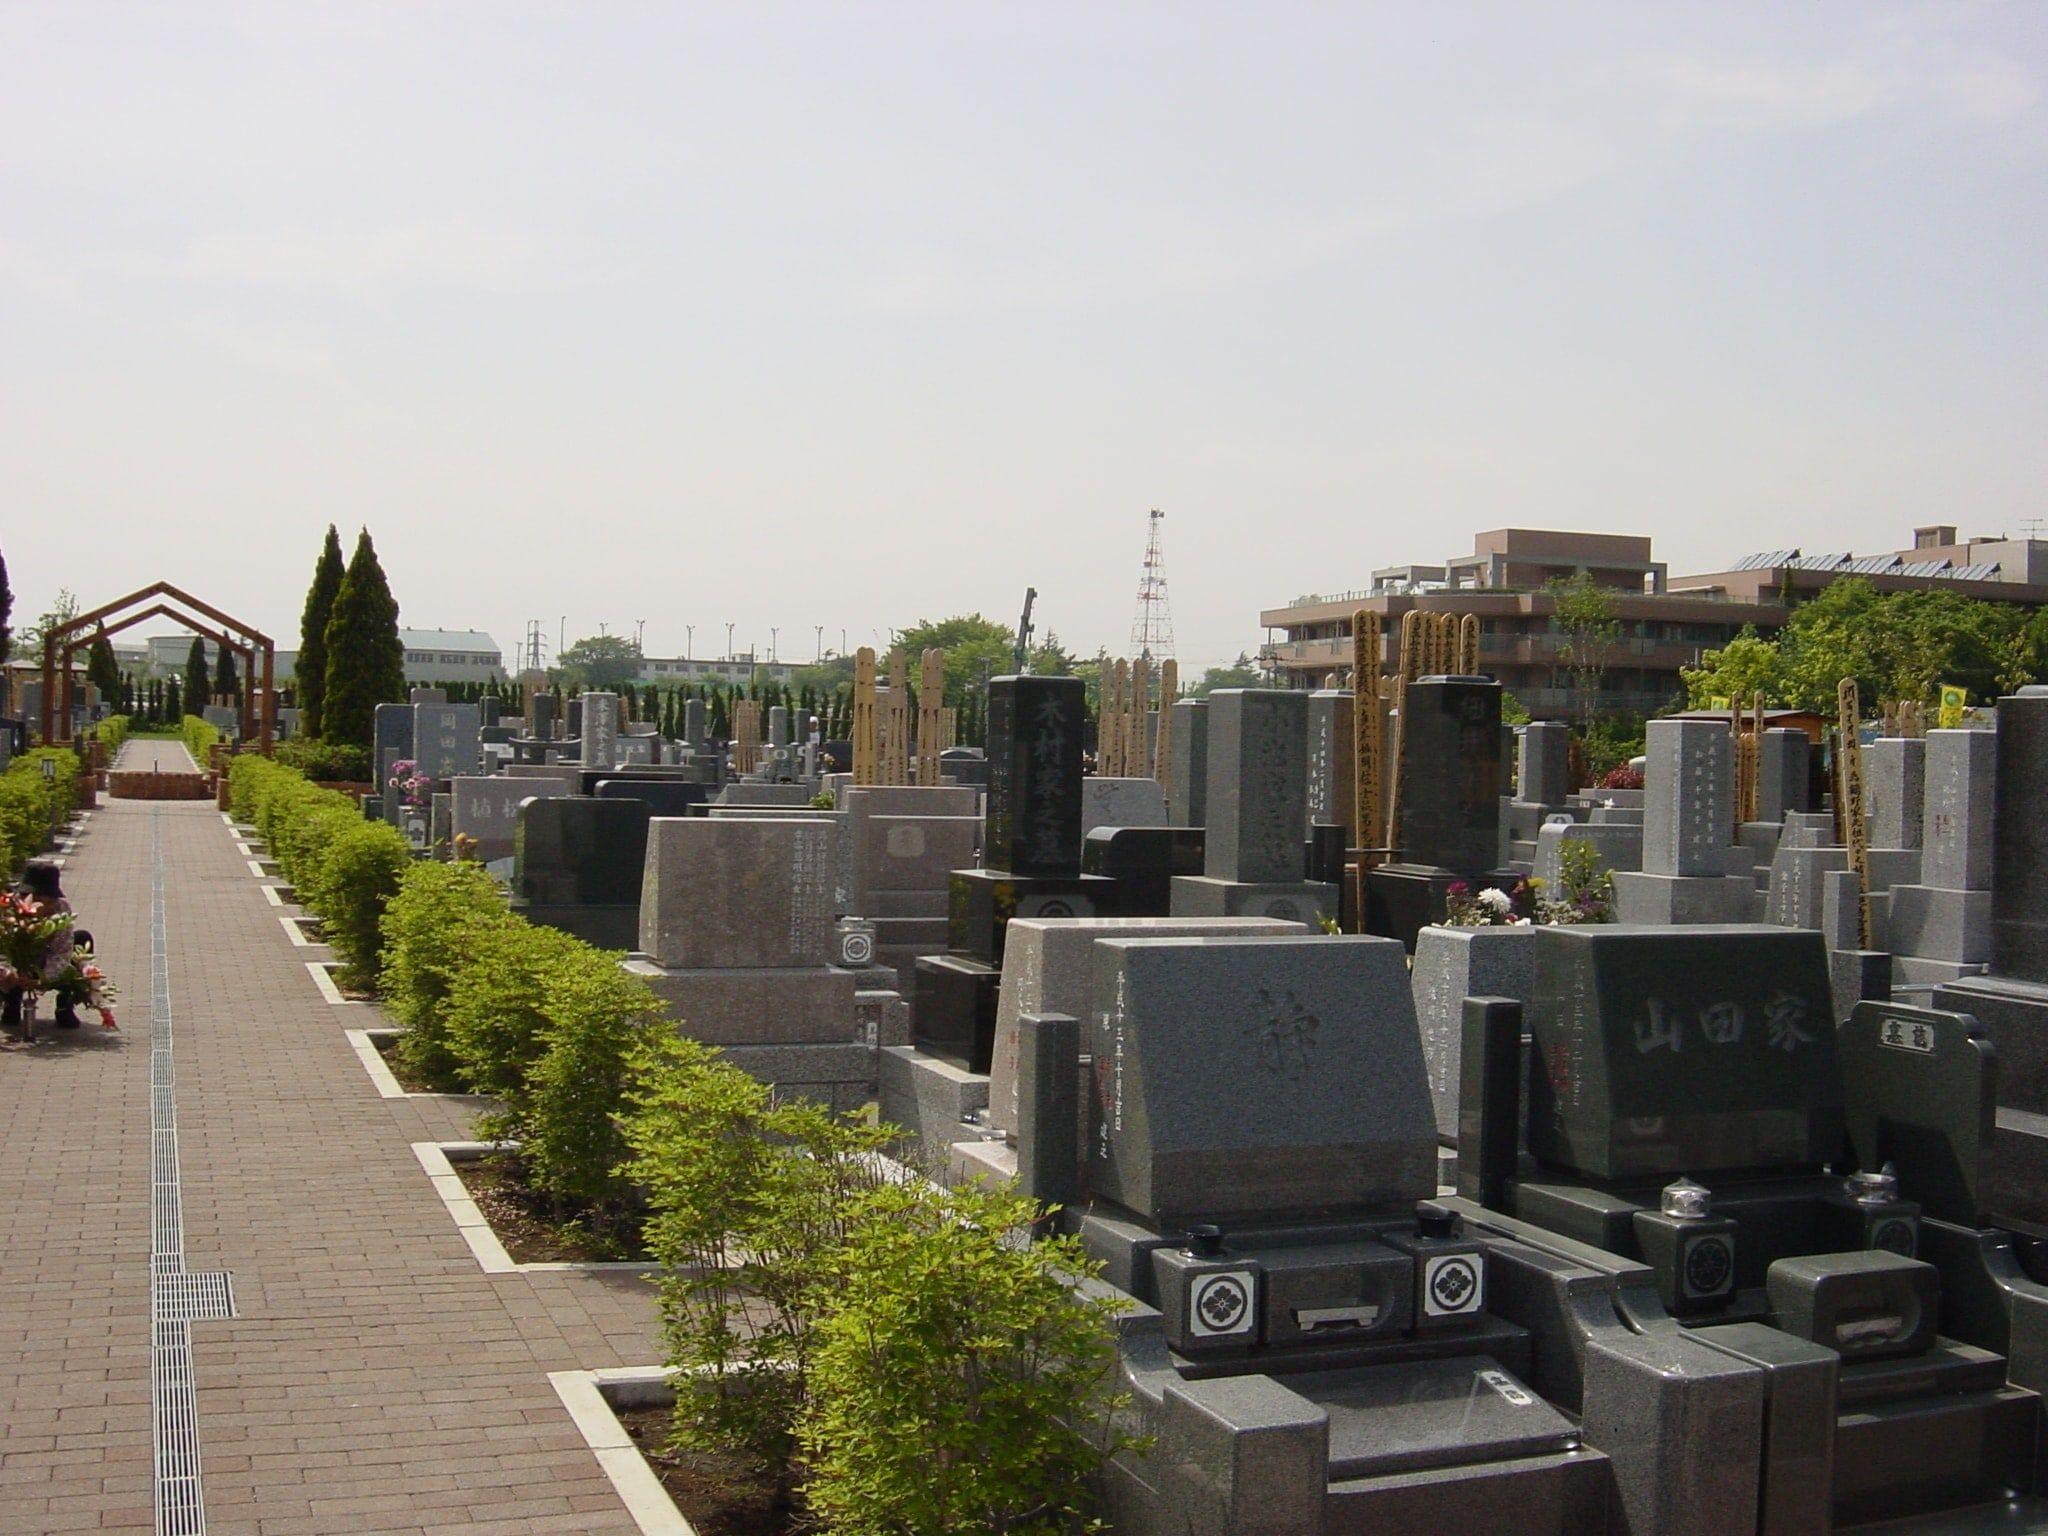 横浜浄苑ふれあいの杜 インターロッキング加工で車椅子でも安心してお参りできる墓域